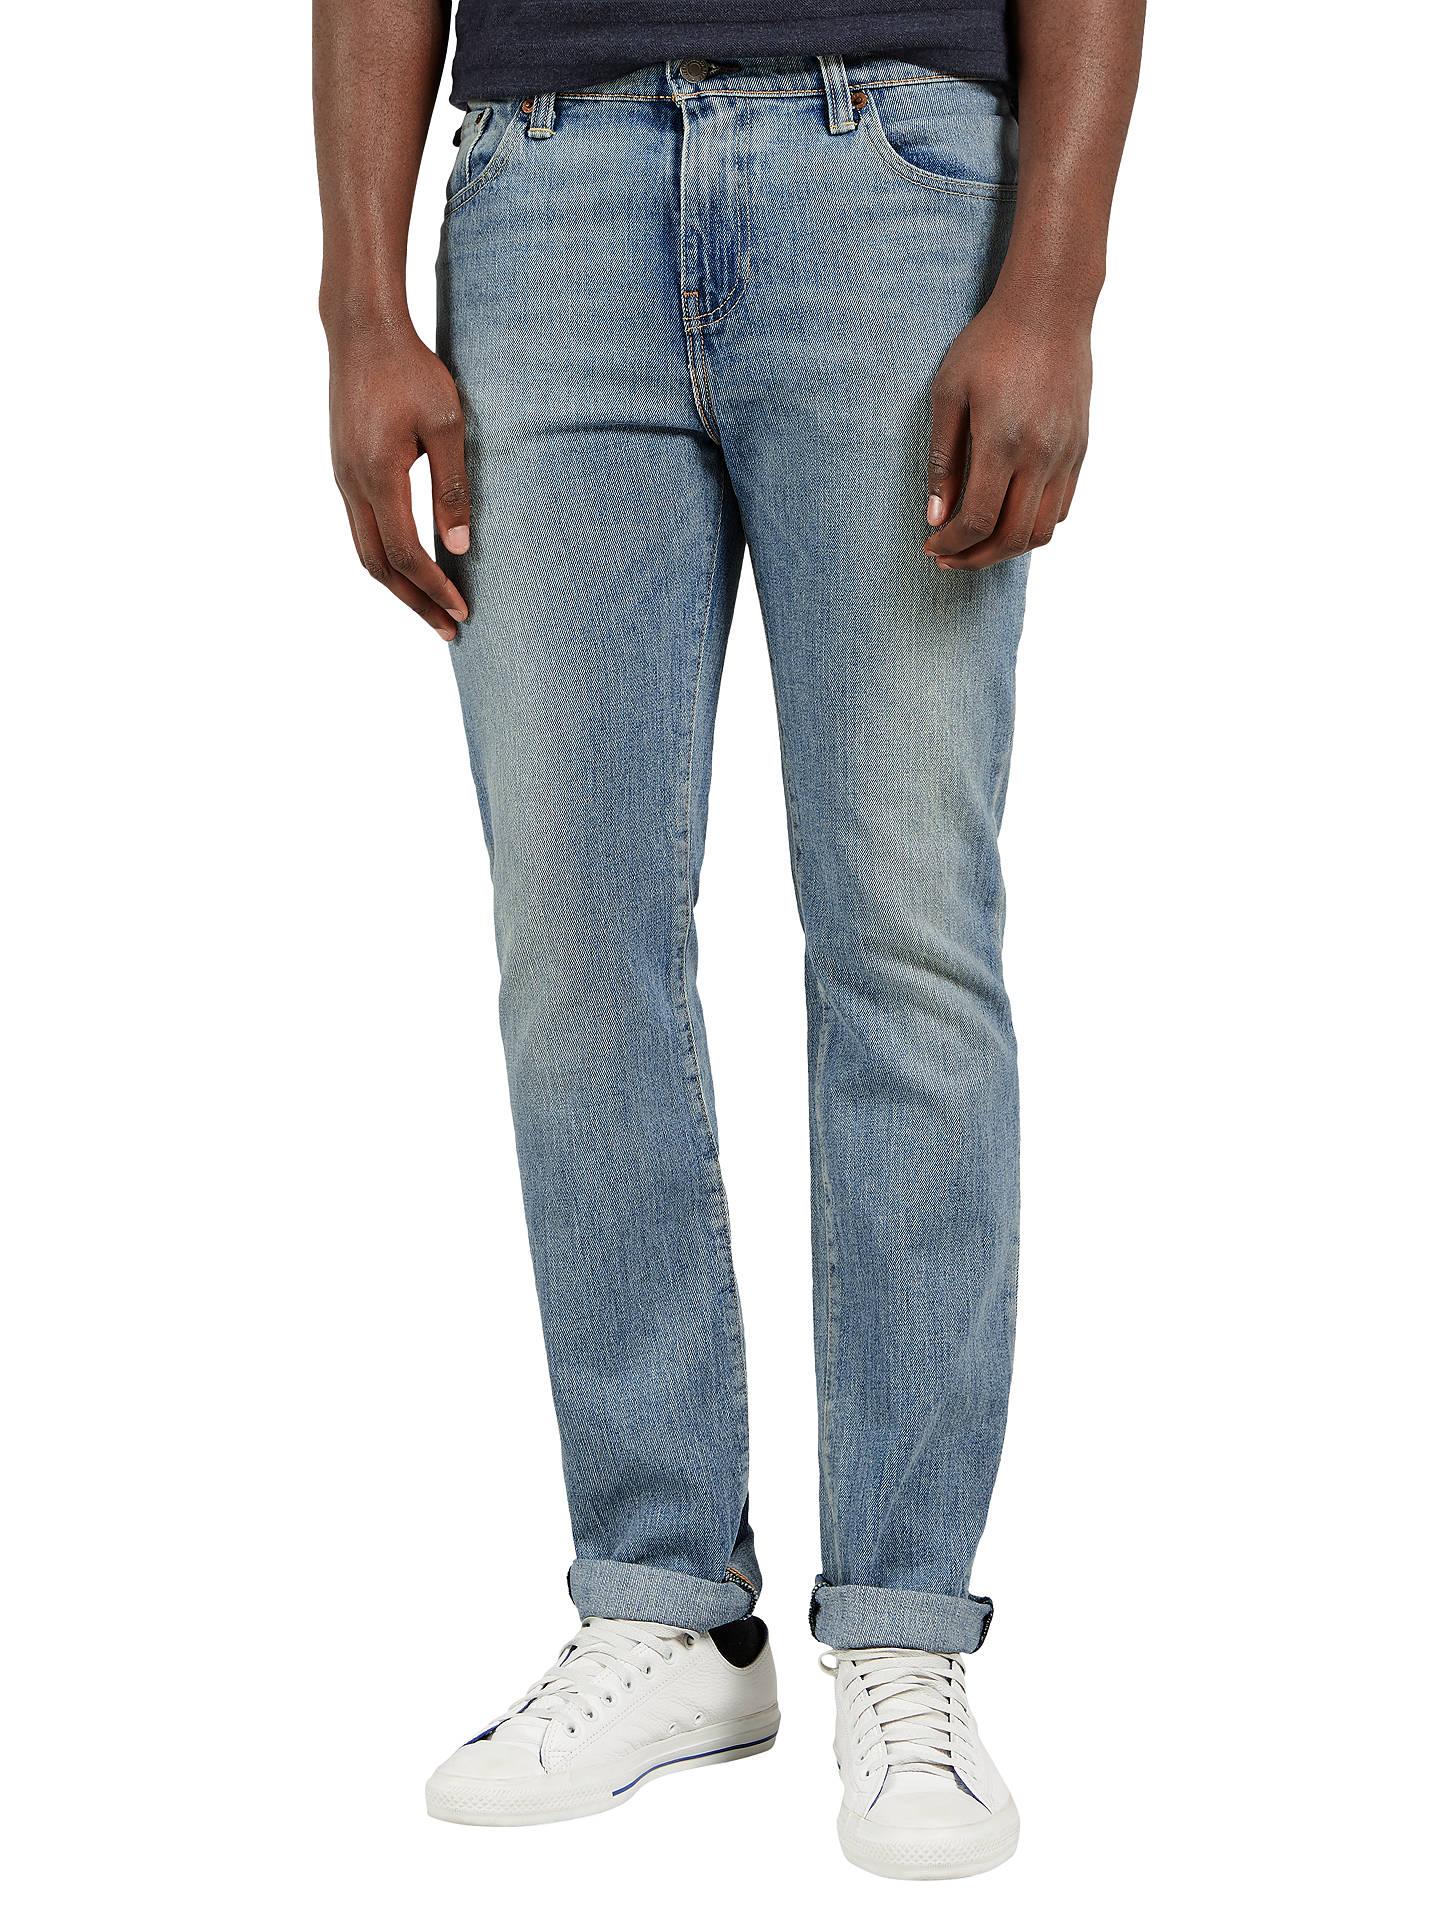 d5f9f0704e4 Buy Levi's 511 Slim Fit Jeans, Light Wash, 28R Online at johnlewis. ...